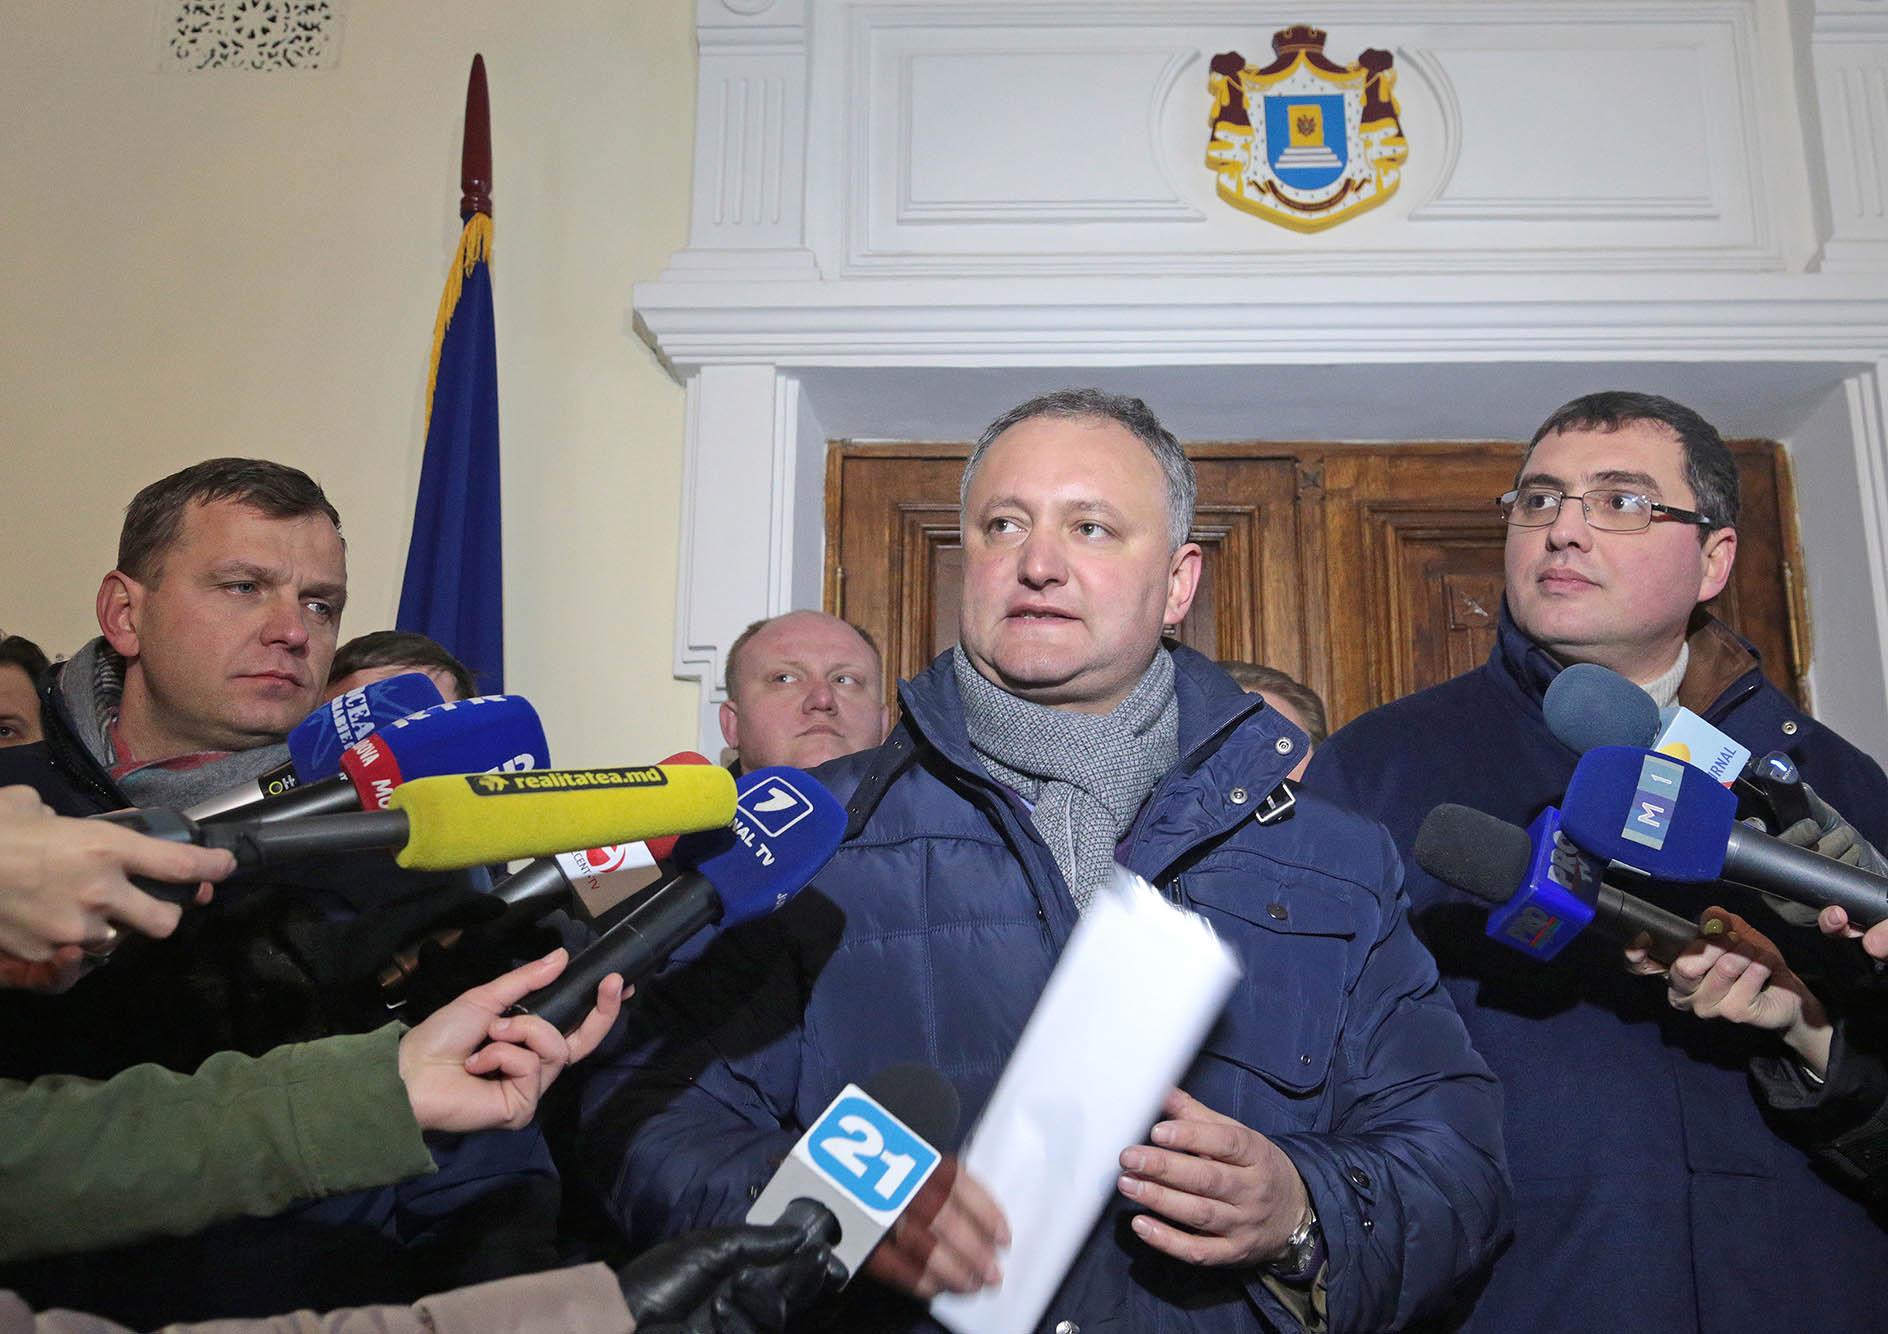 Организаторы протестов в Кишиневе - Андрей Нэстасе, Игорь Додон и Ренато Усатый - слева направо